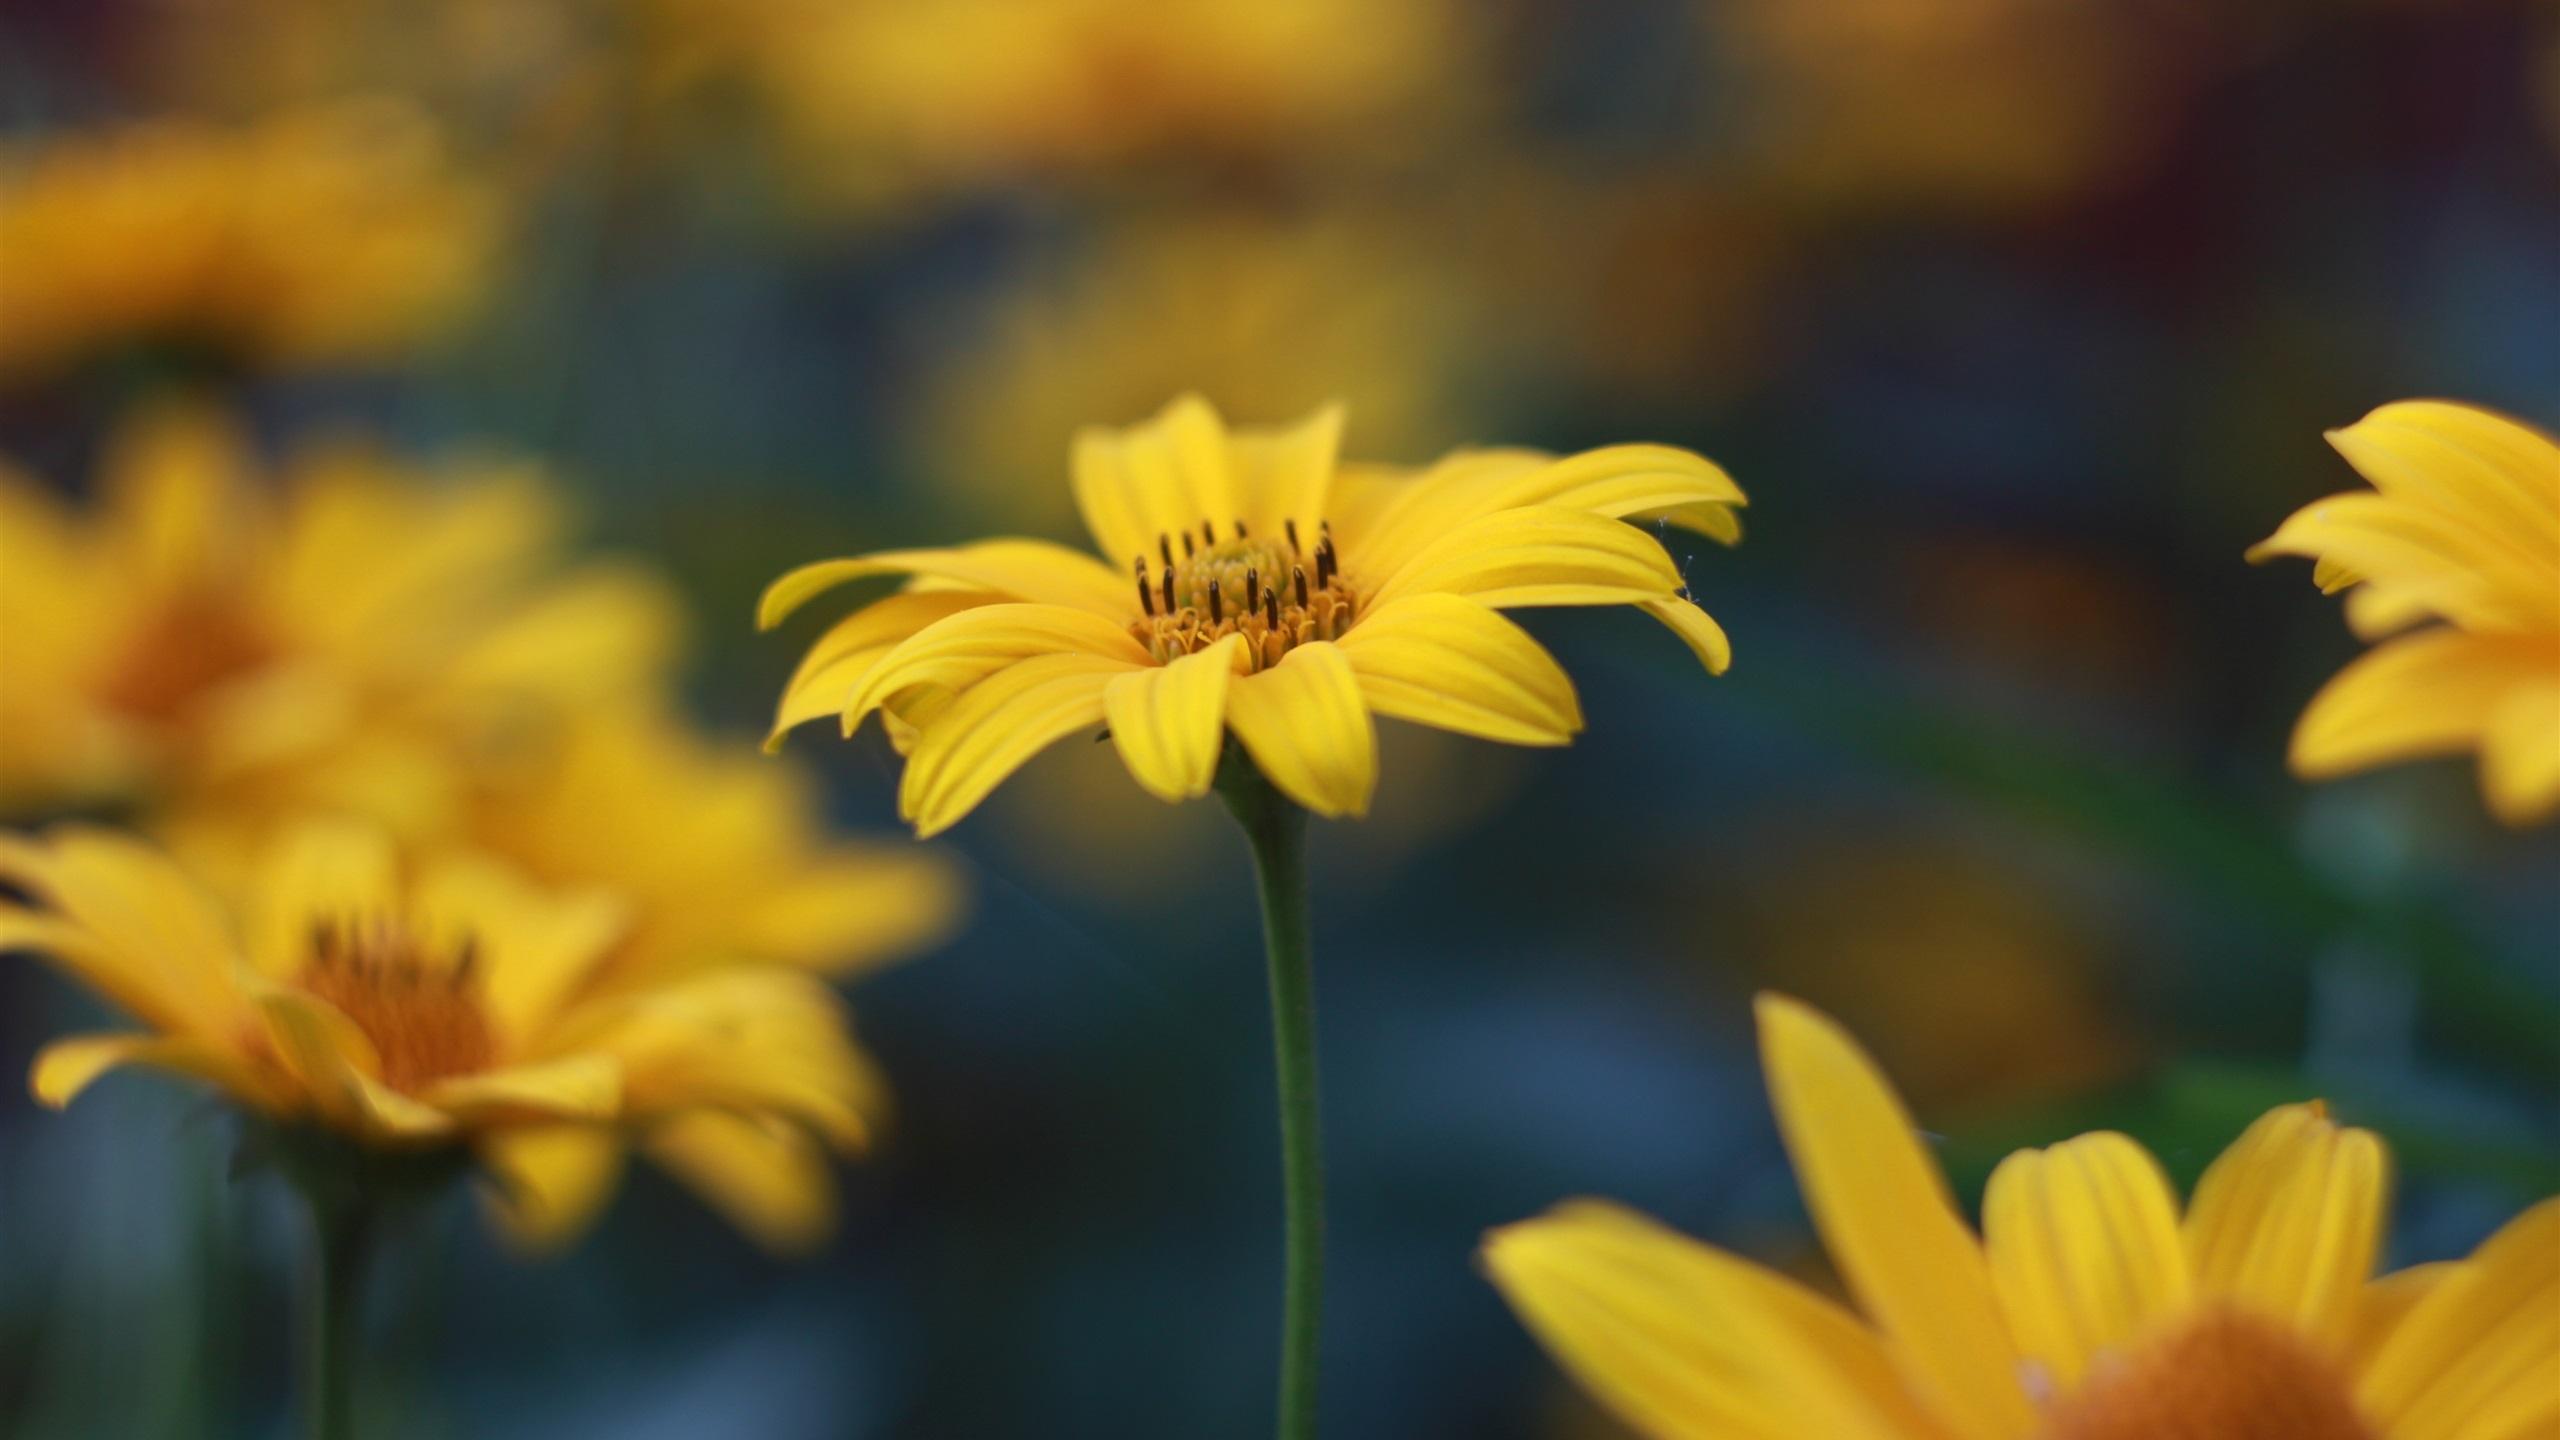 Fonds d 39 cran t l charger 2560x1440 fleurs jaunes herbe for Fond ecran qhd